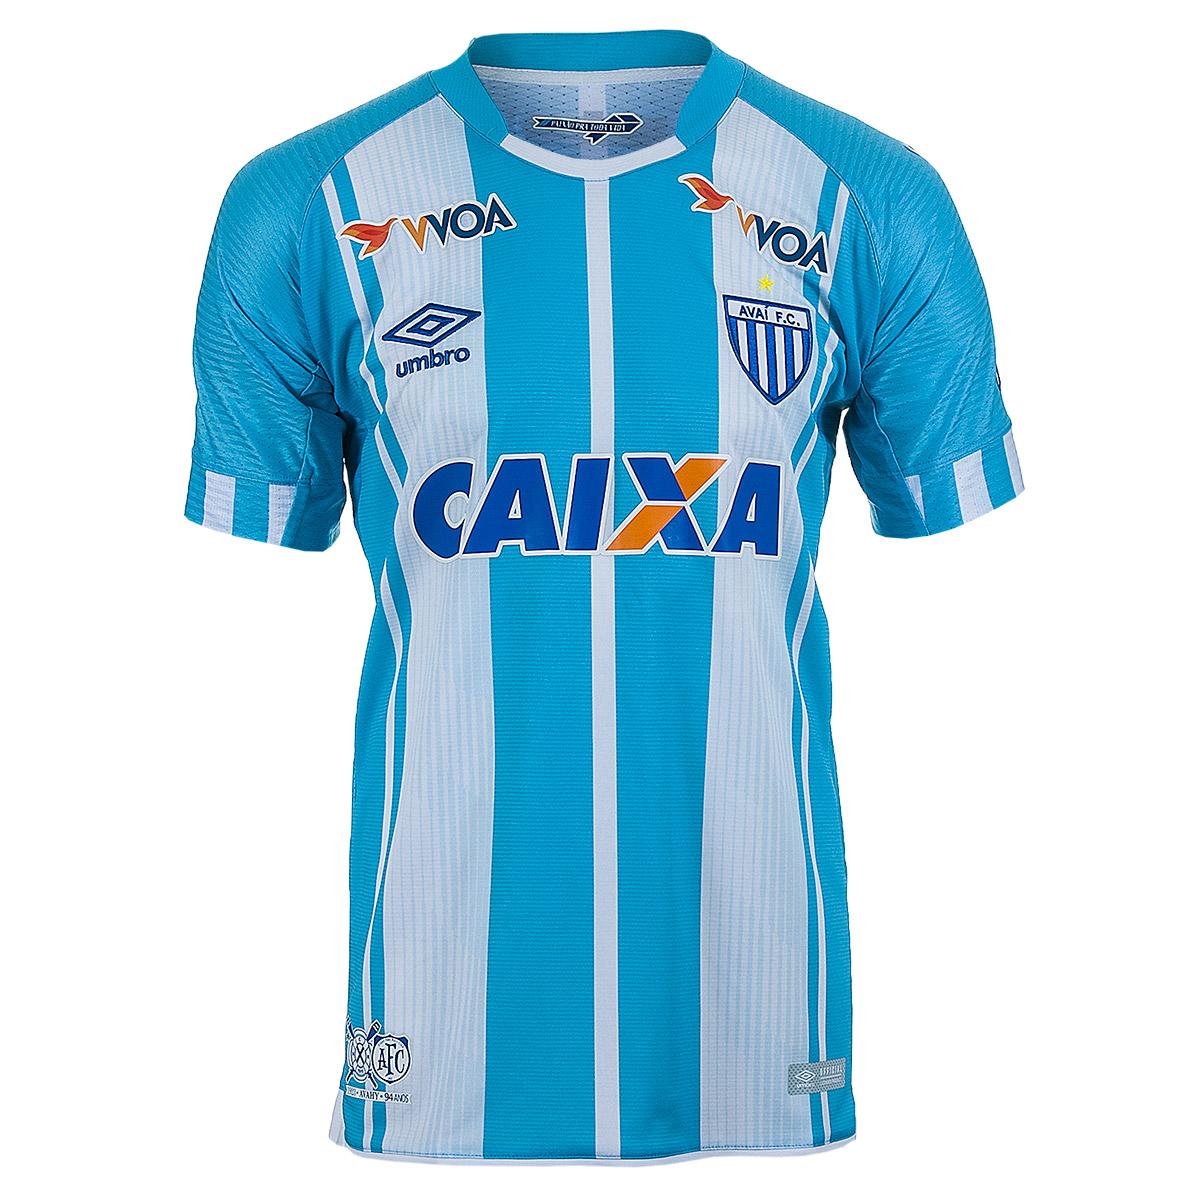 Camiseta Oficial Masc. Umbro Avai 2017 Esporte - Indoor - Azul/Branco